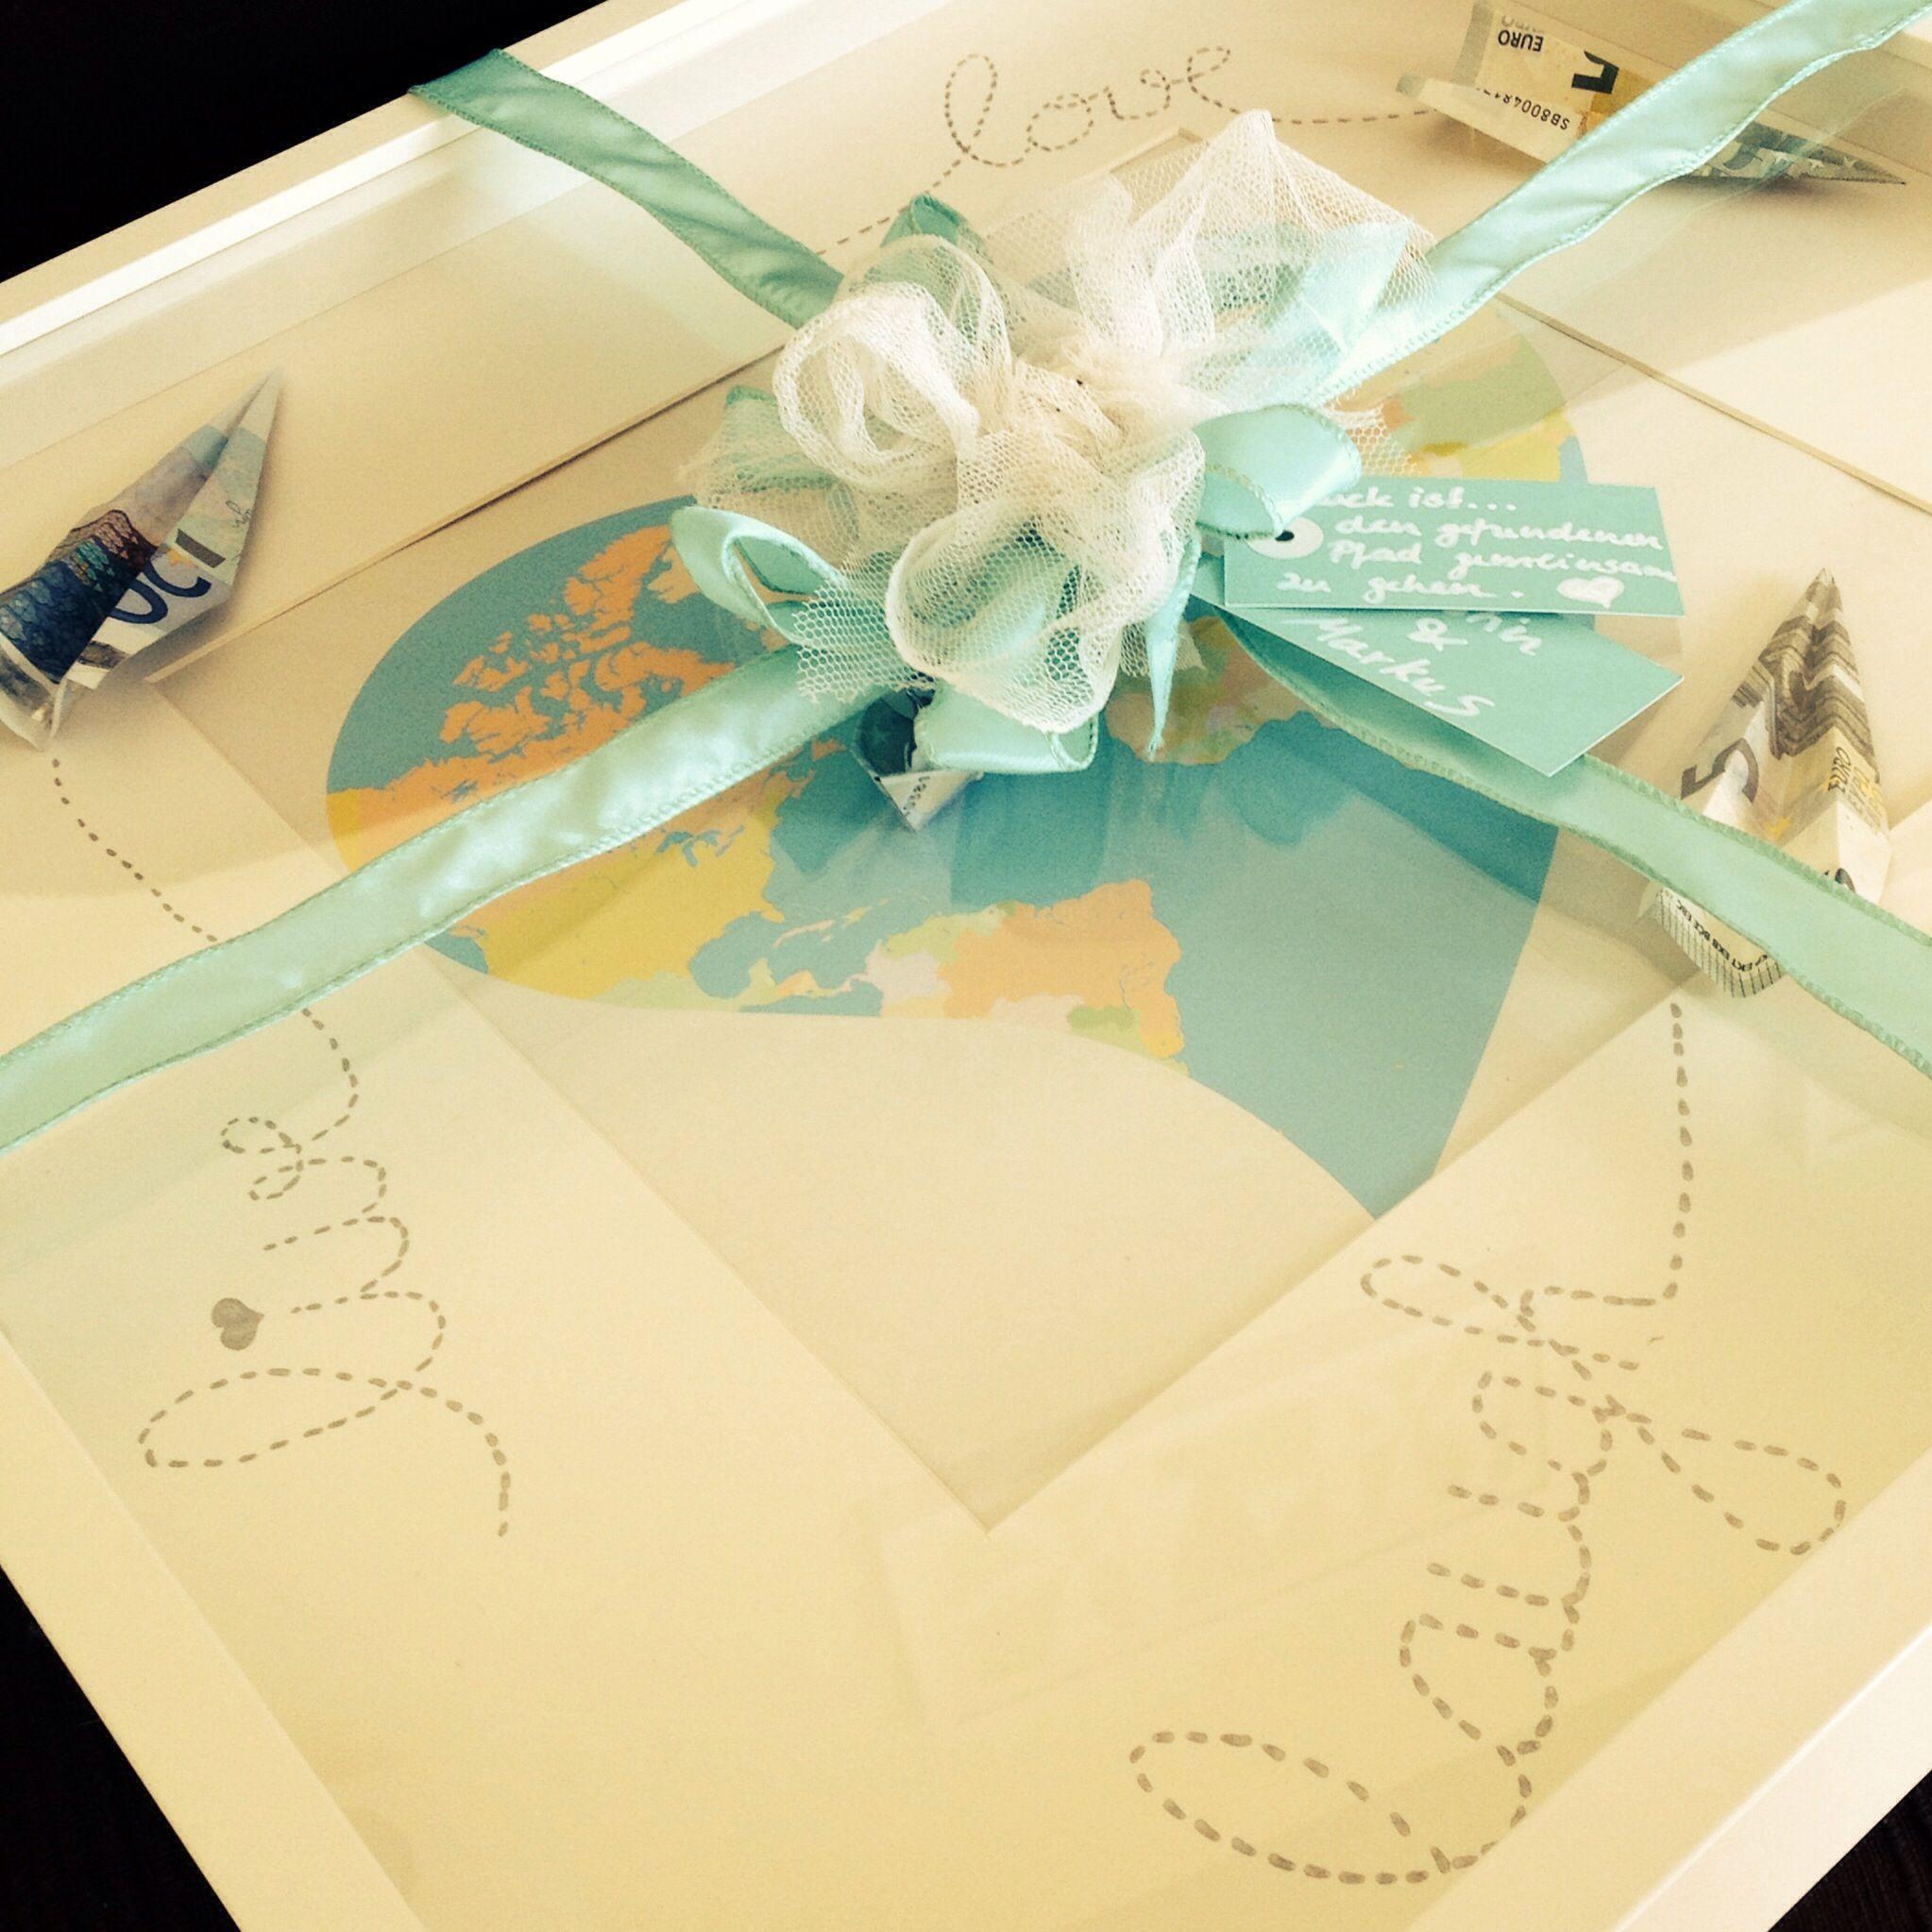 7 Diy Gastgeschenkideen Für Die Hochzeit Myprintcard: Eine Reise Mit Euren Münzen....#Geldgeschenk #Hochzeit